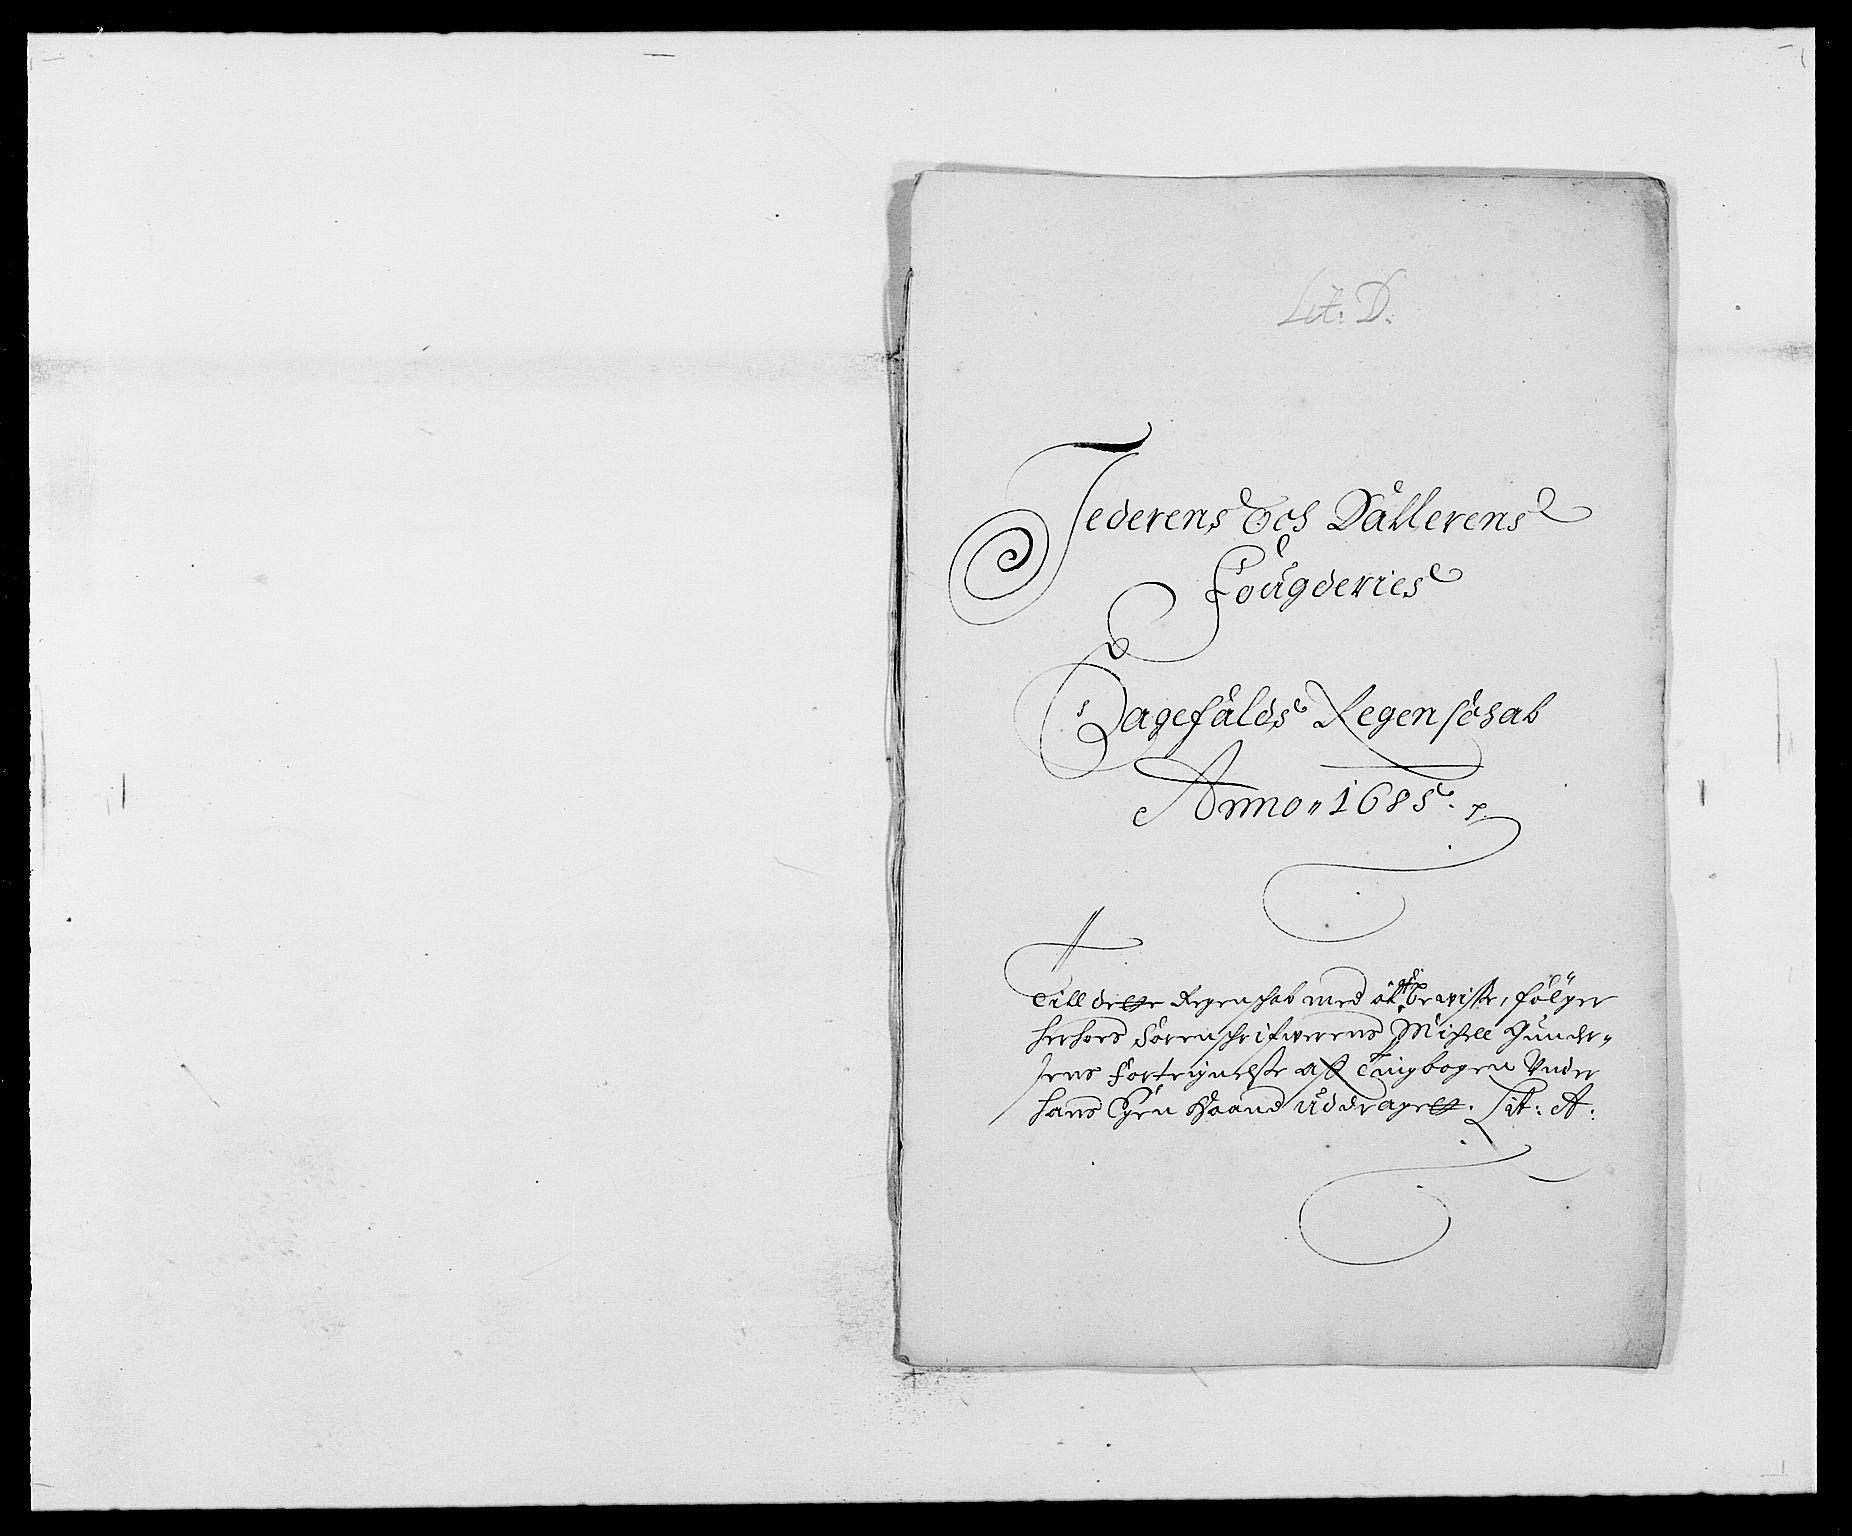 RA, Rentekammeret inntil 1814, Reviderte regnskaper, Fogderegnskap, R46/L2725: Fogderegnskap Jæren og Dalane, 1685, s. 113